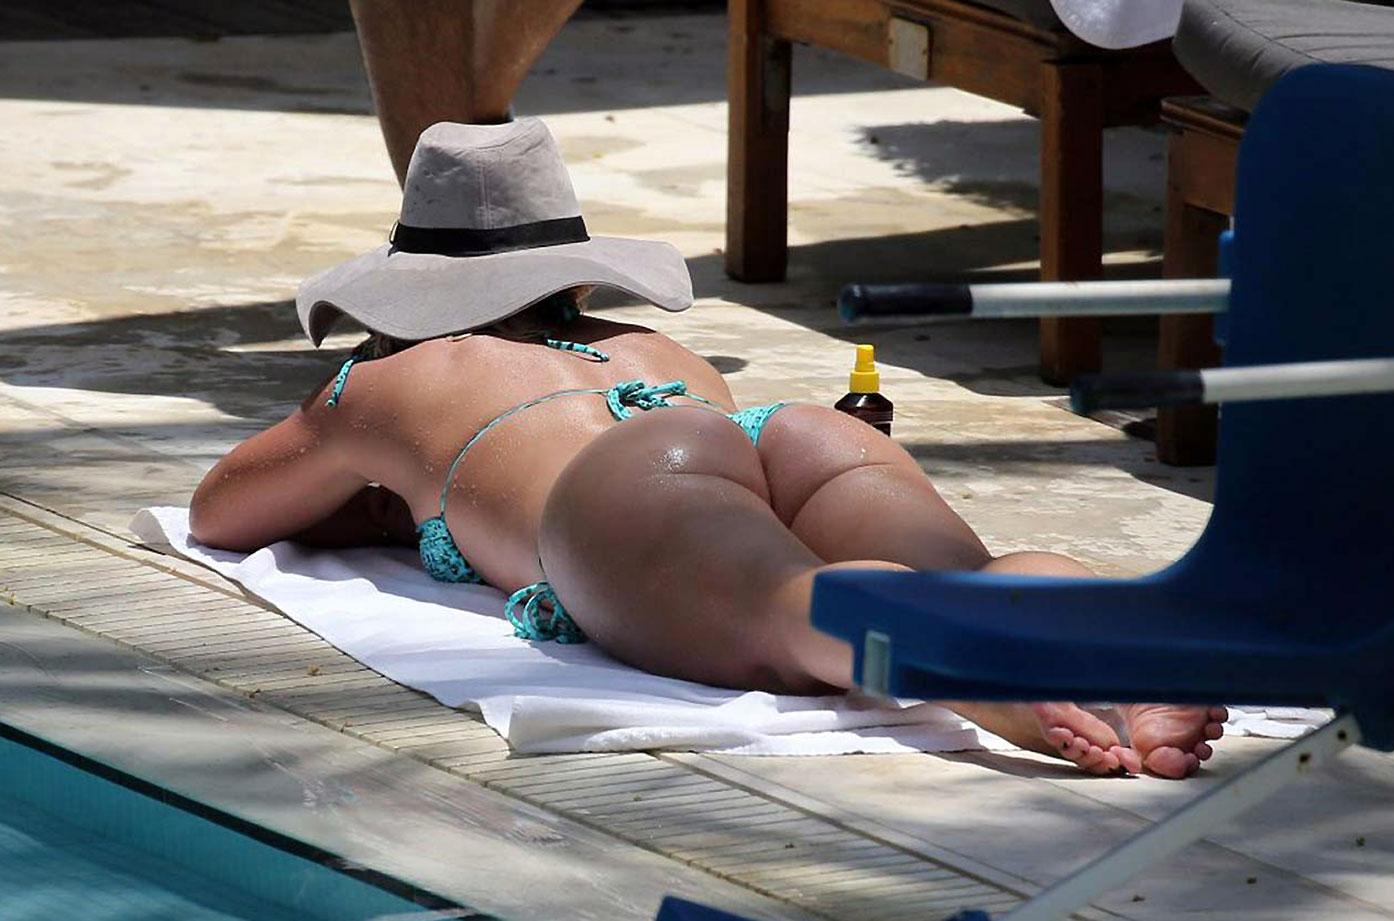 Britney Spears Boobs Erupt